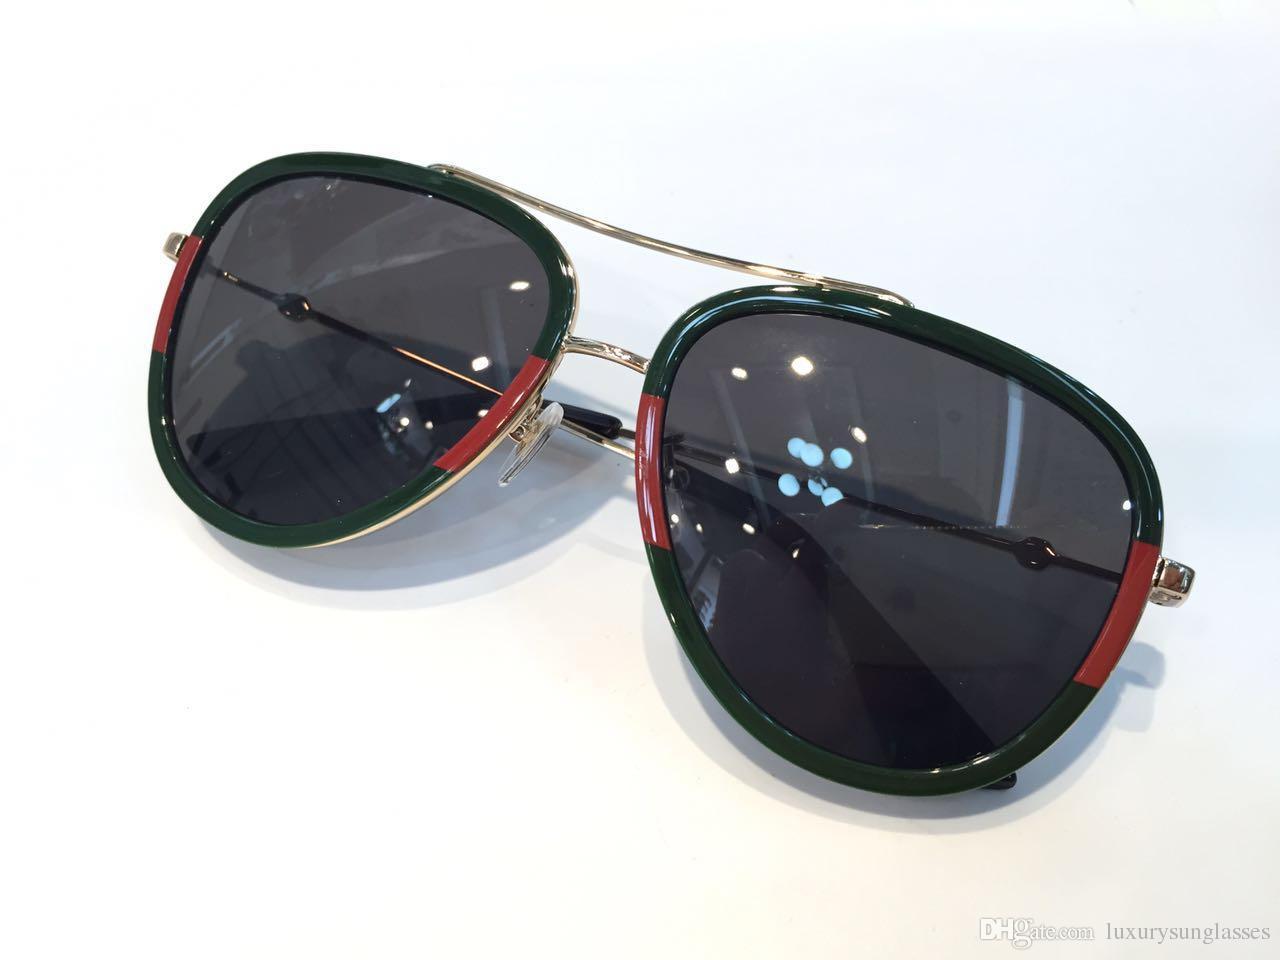 3e1f3b694a Compre Gafas De Sol De Diseño De Lujo Para Mujeres 0062 Estilo Clásico De  La Moda De Verano Gafas De Metal Con Lentes De Protección UV De Calidad  Superior.